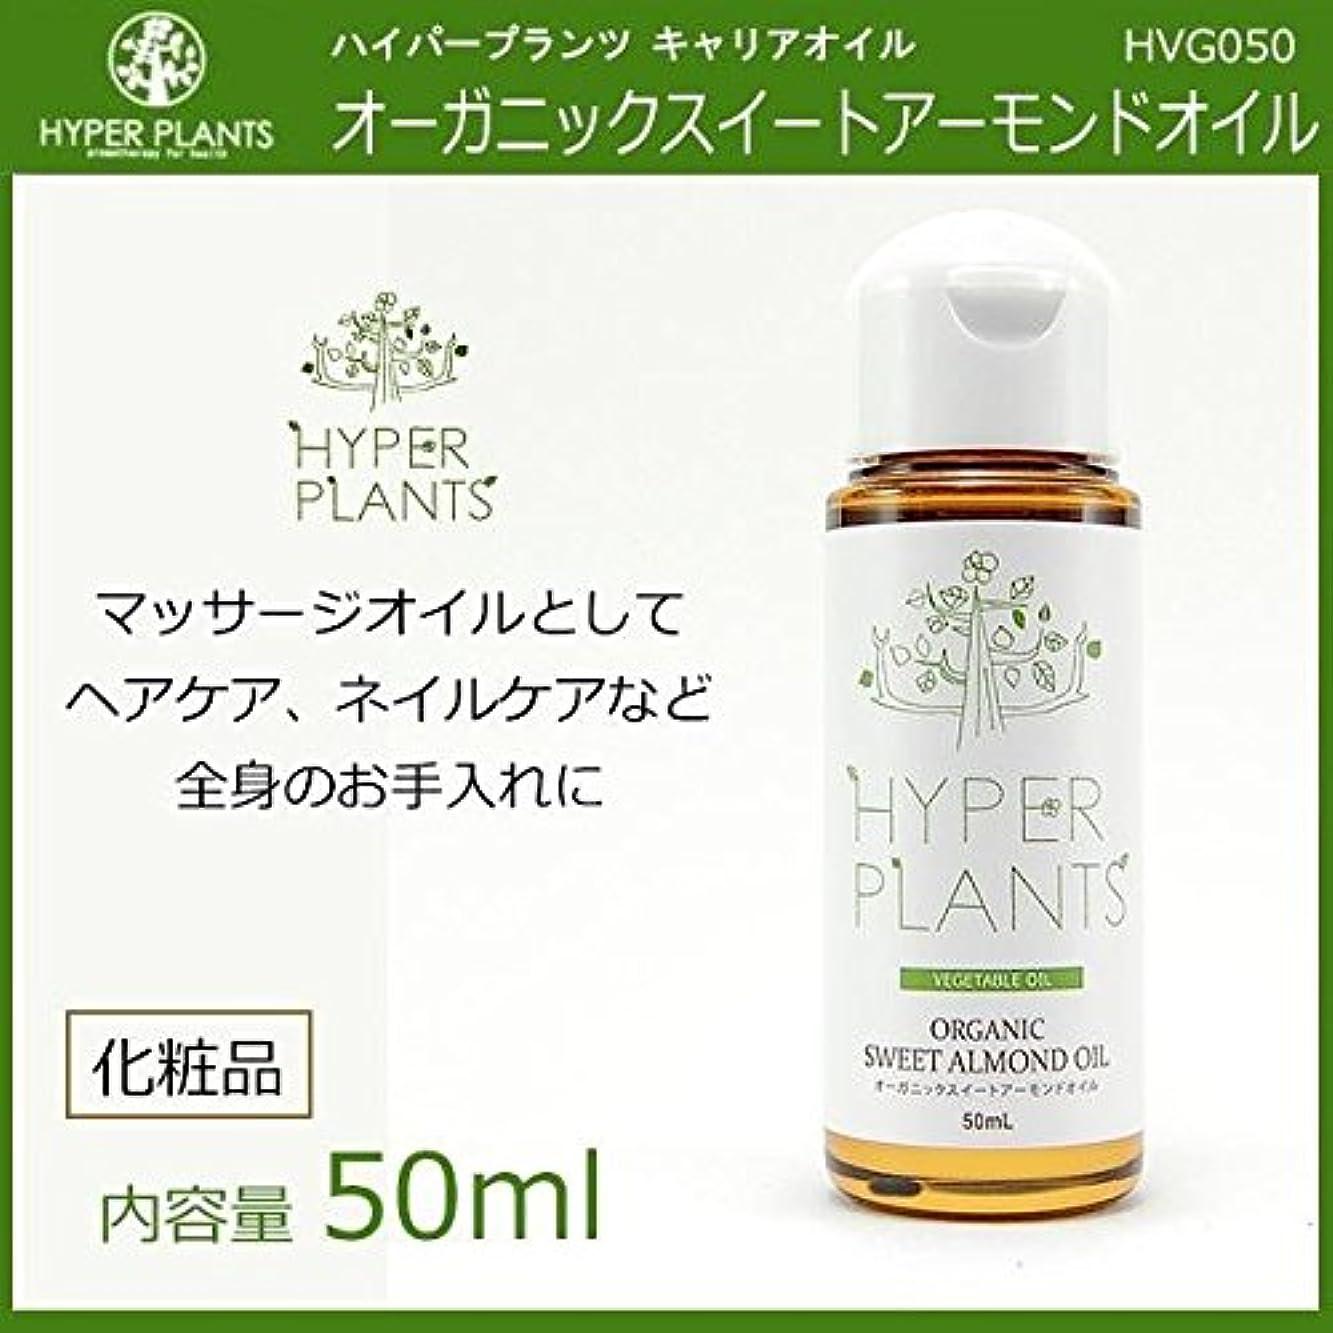 早める手荷物偶然HYPER PLANTS ハイパープランツ キャリアオイル オーガニックスイートアーモンドオイル 50ml HVG050